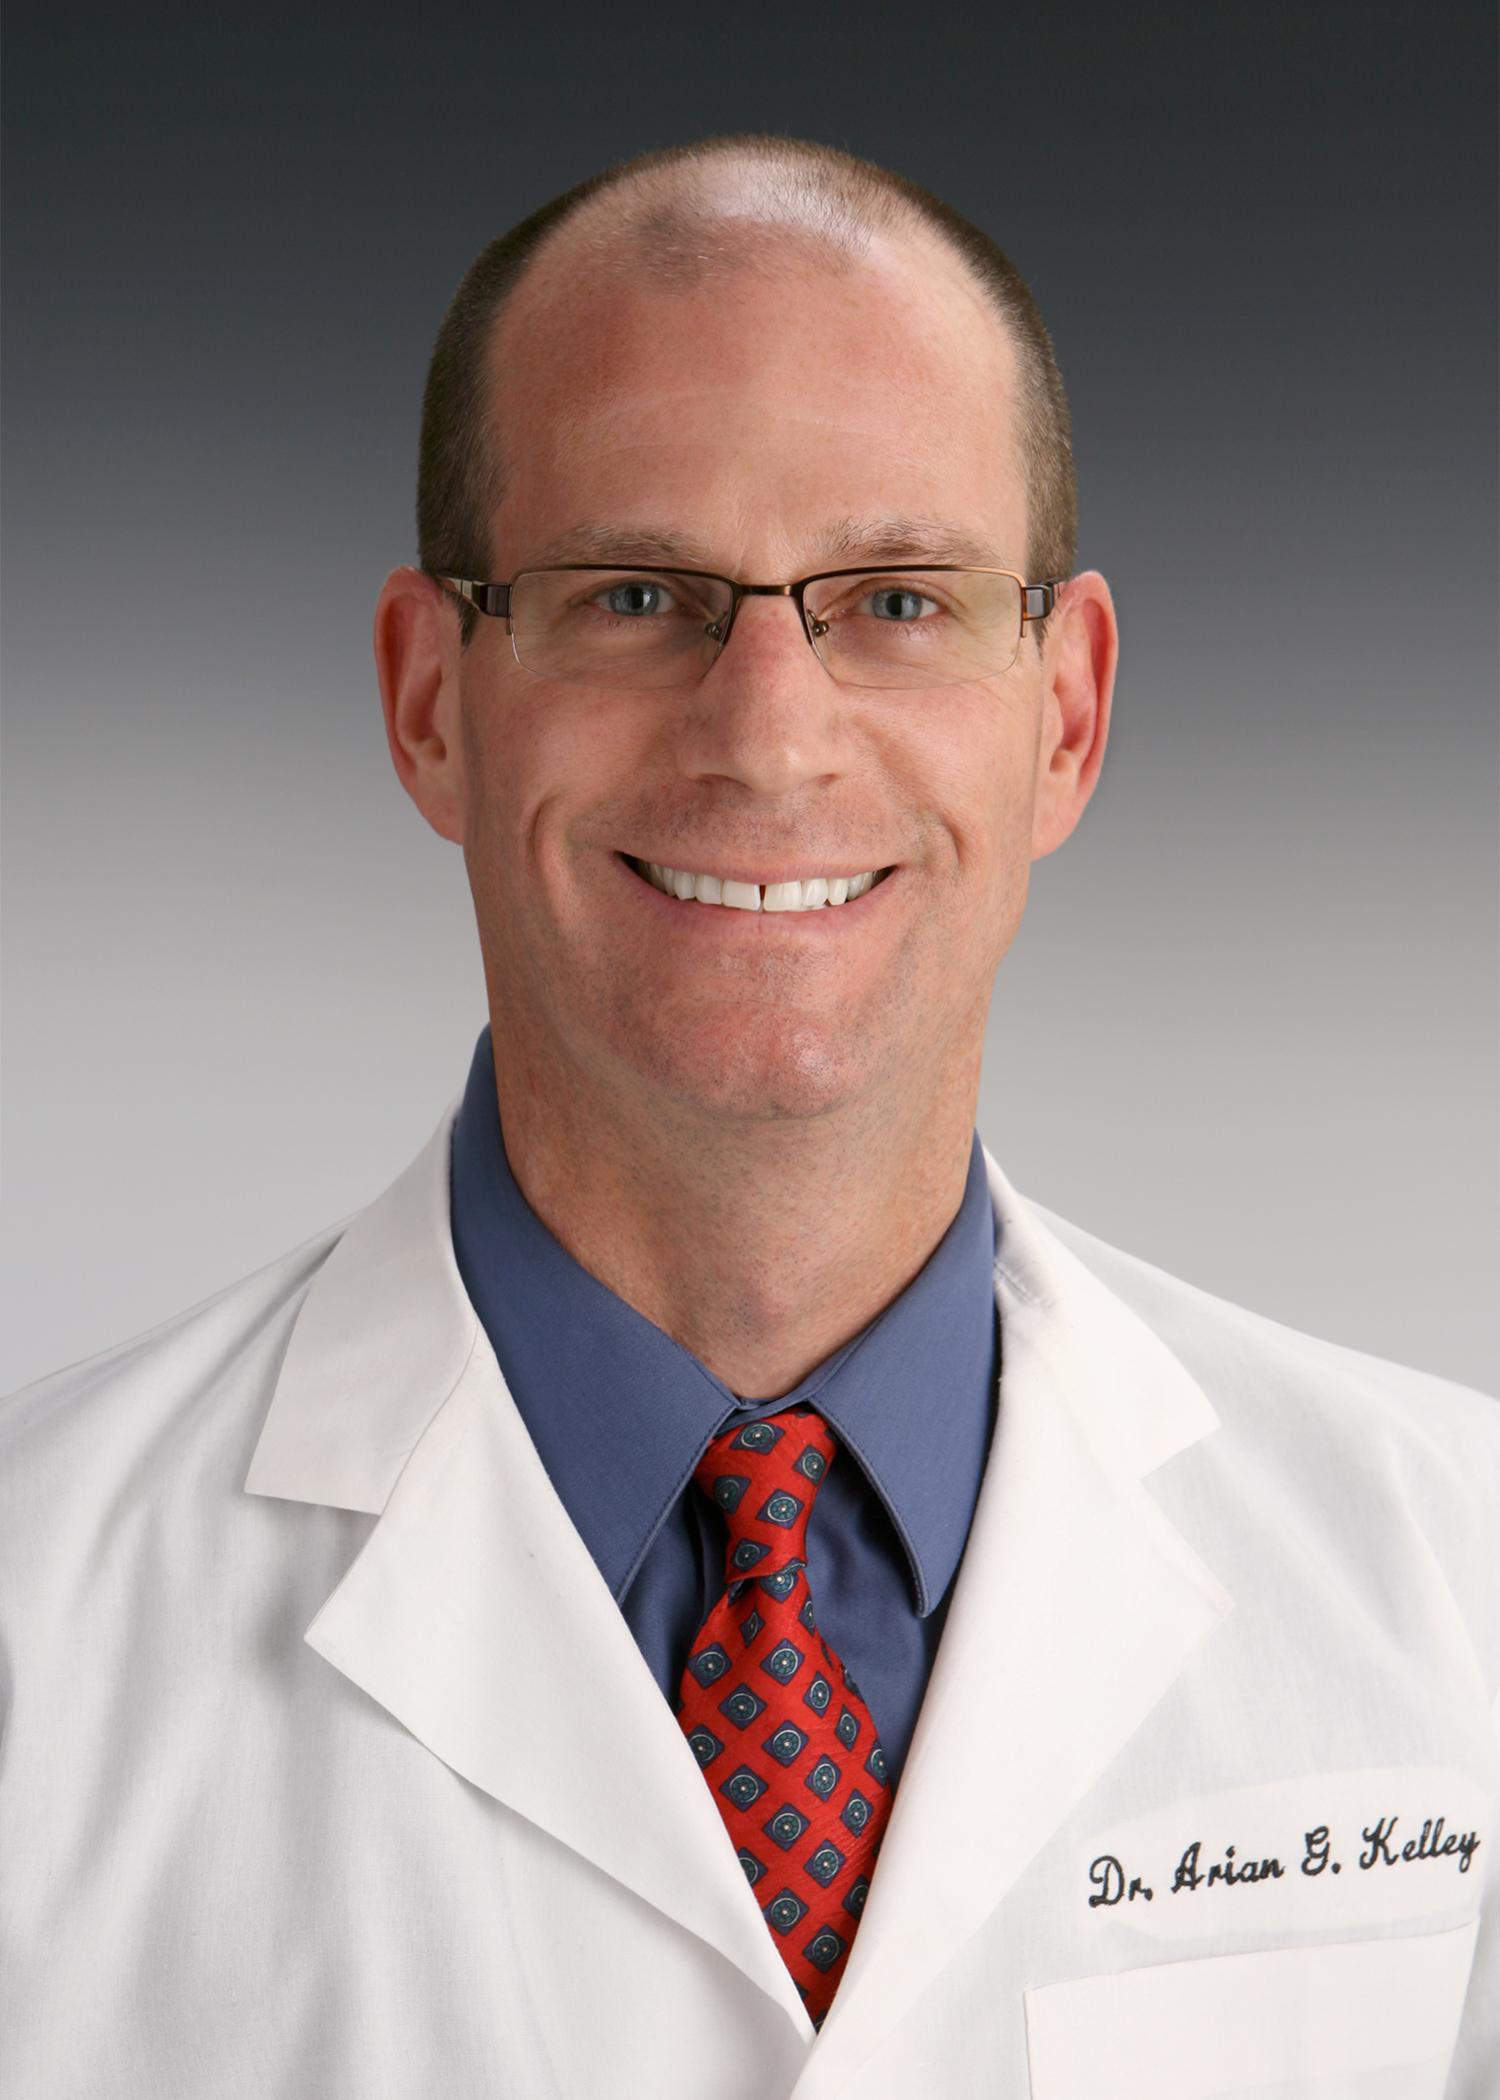 Dr. Arian Kelley, DC